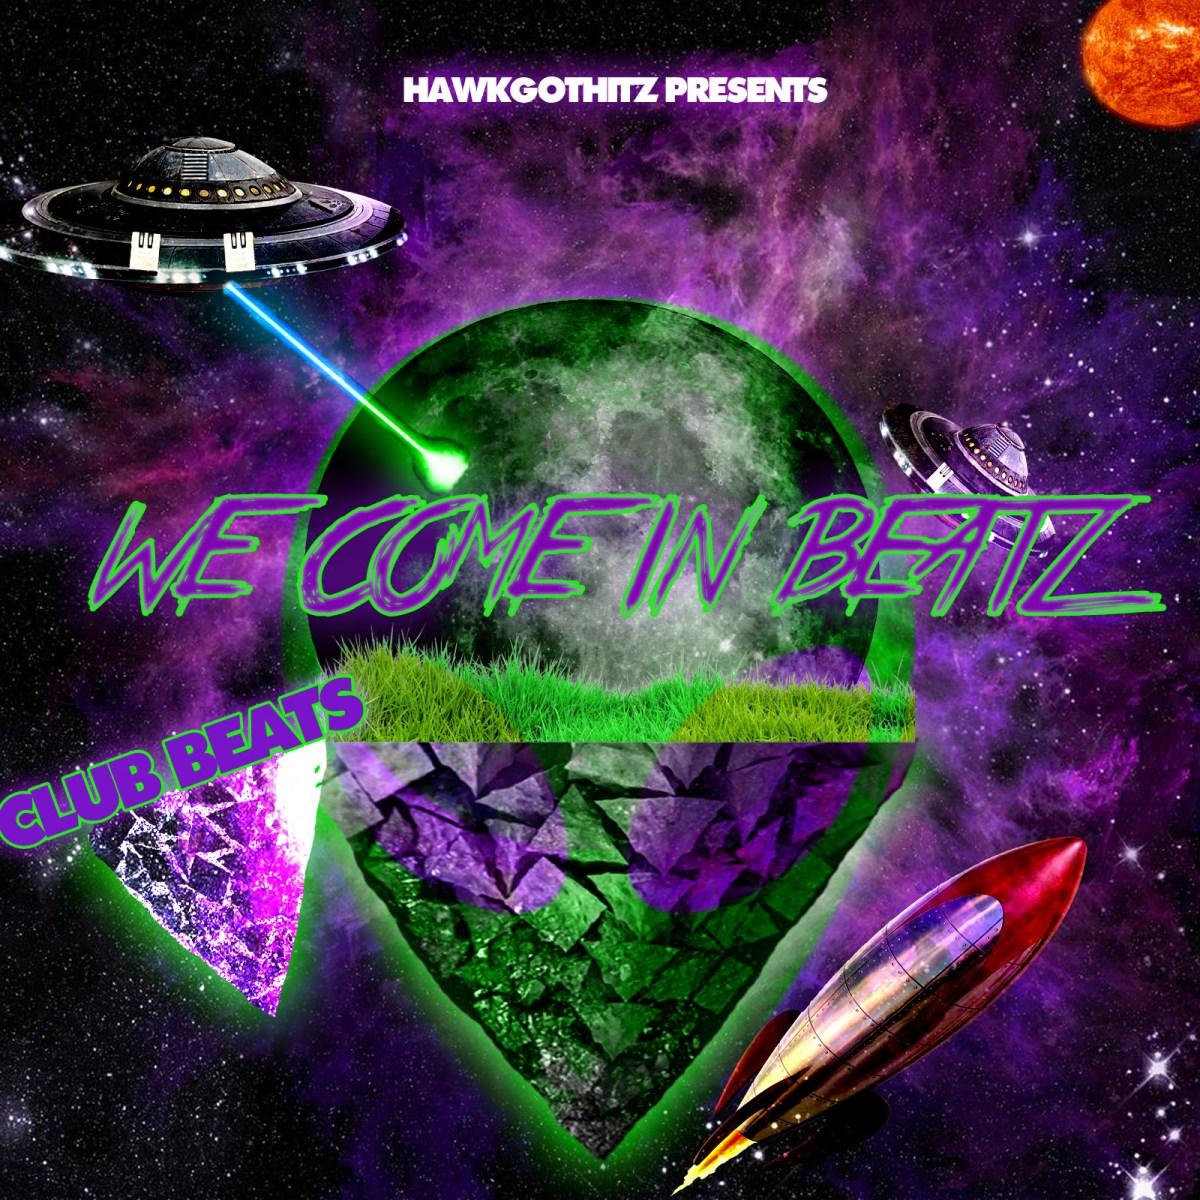 HawkGotHitz - We Come In Beatz